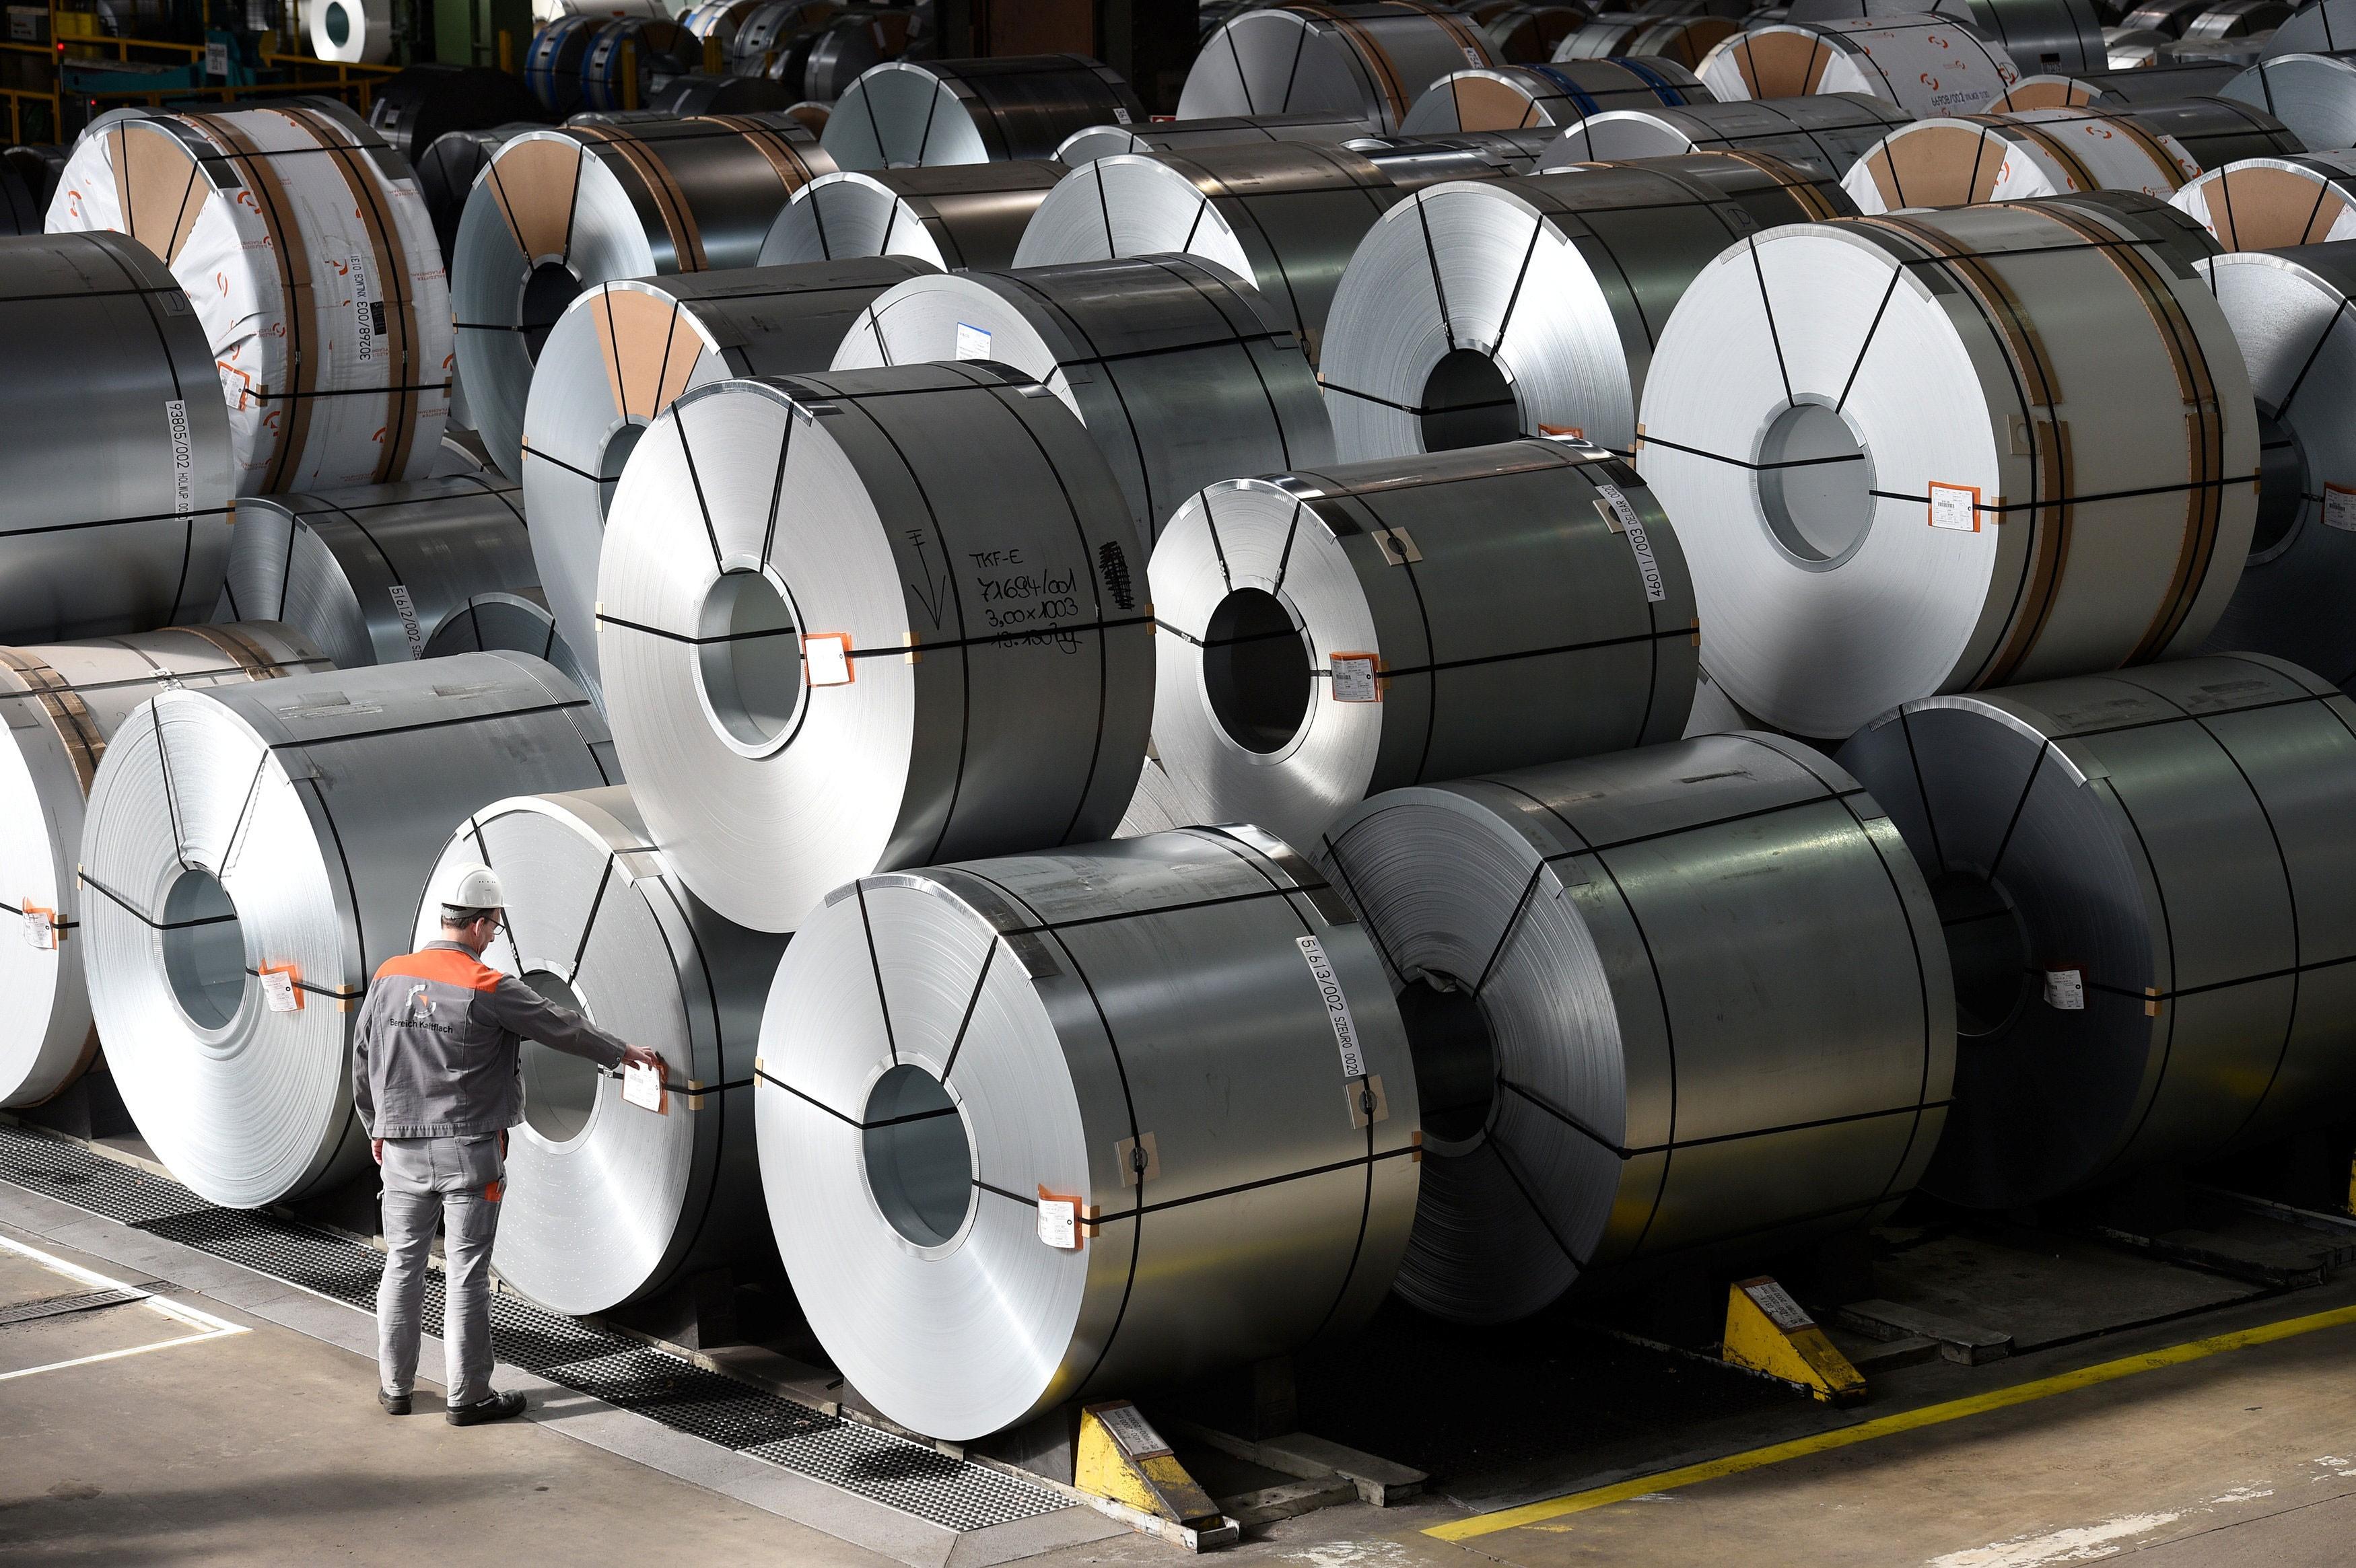 União Europeia decide limitar importação de aço até julho de 2021